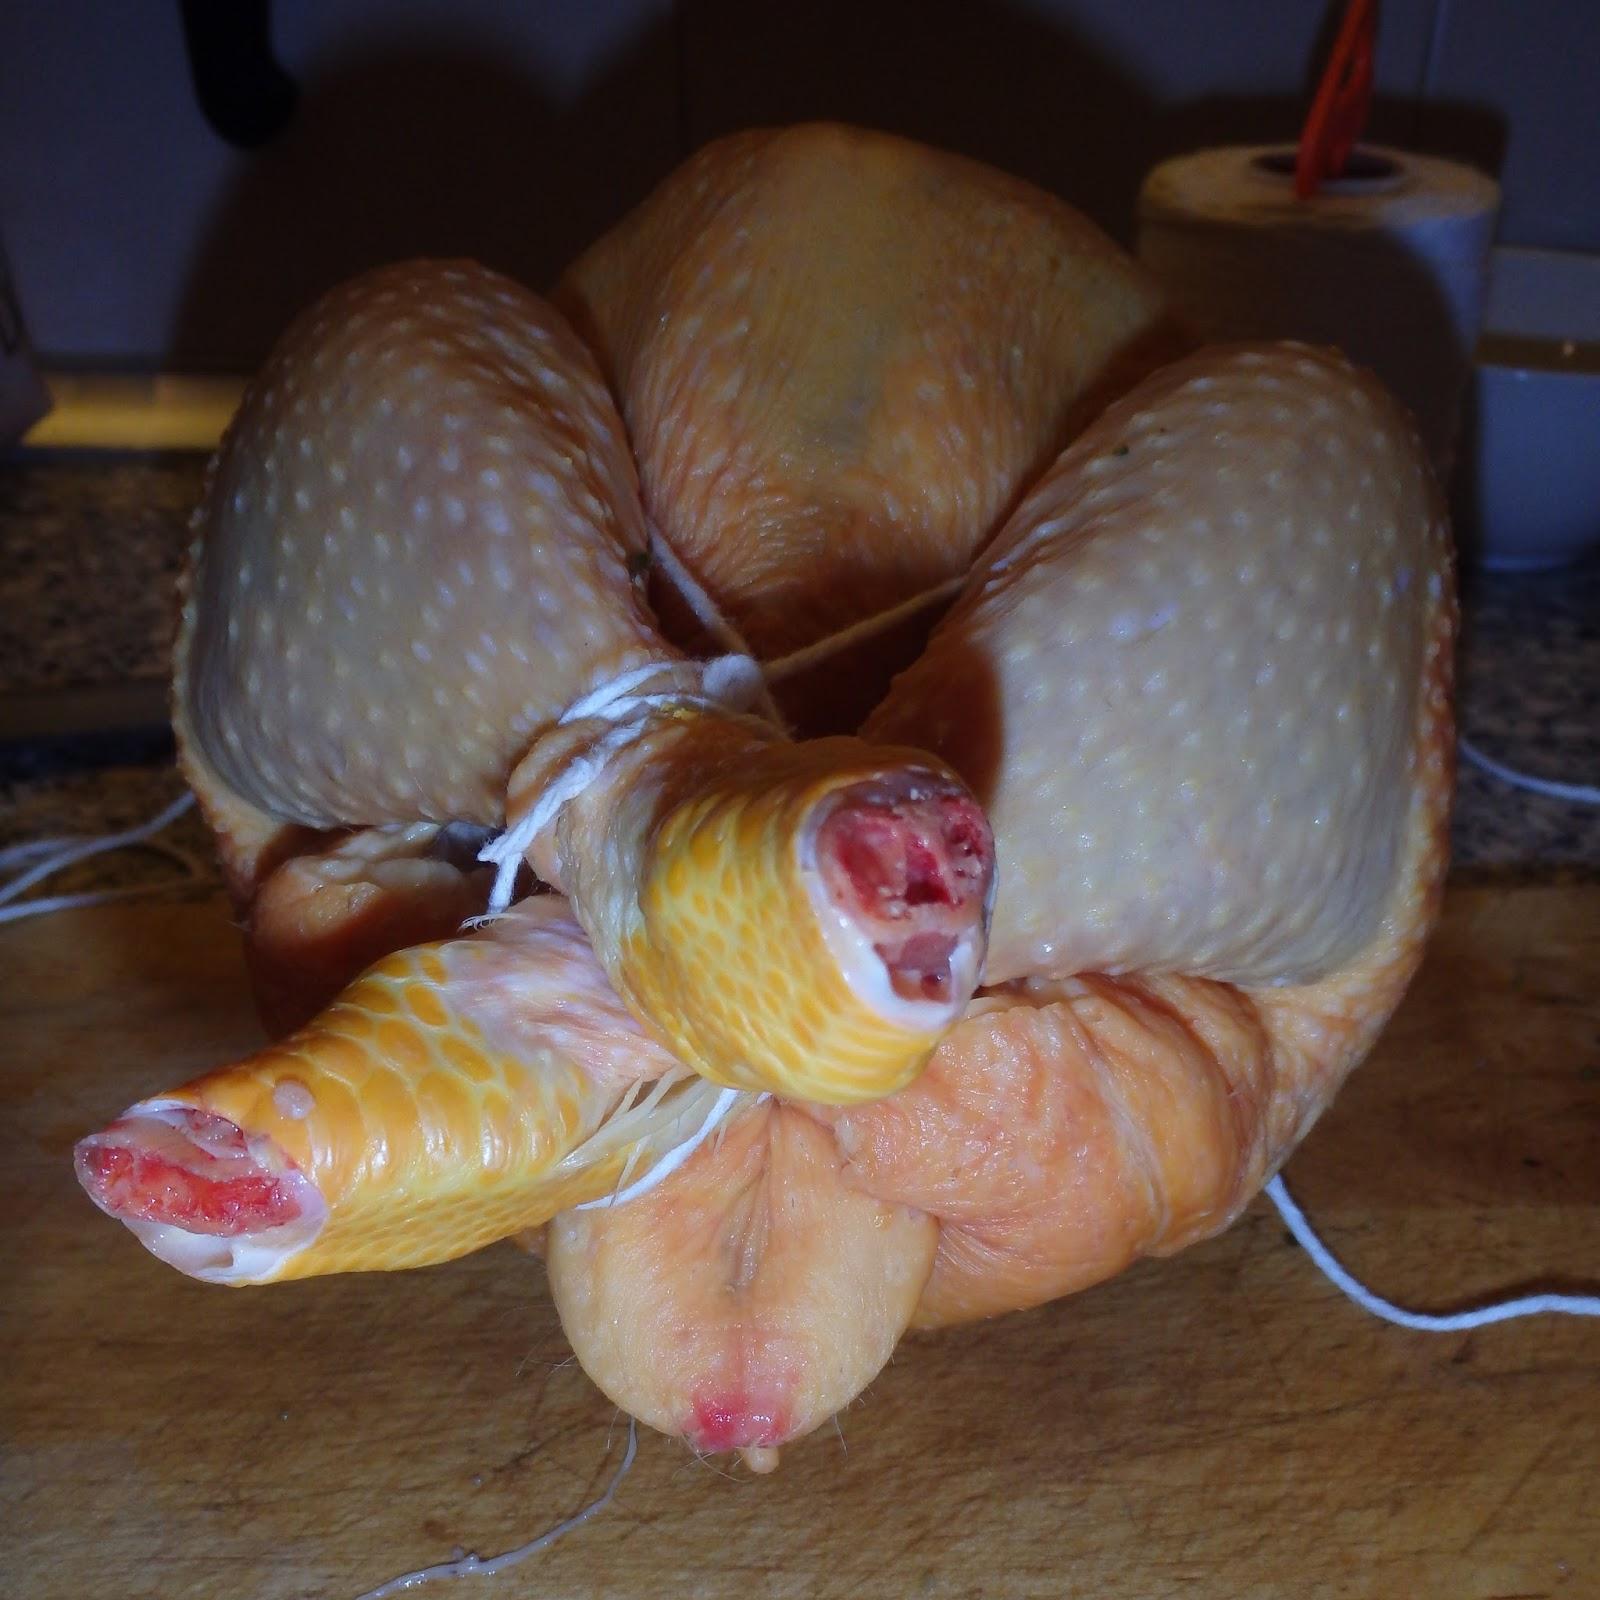 Les receptes que m'agraden: Como bridar un pollo para asar